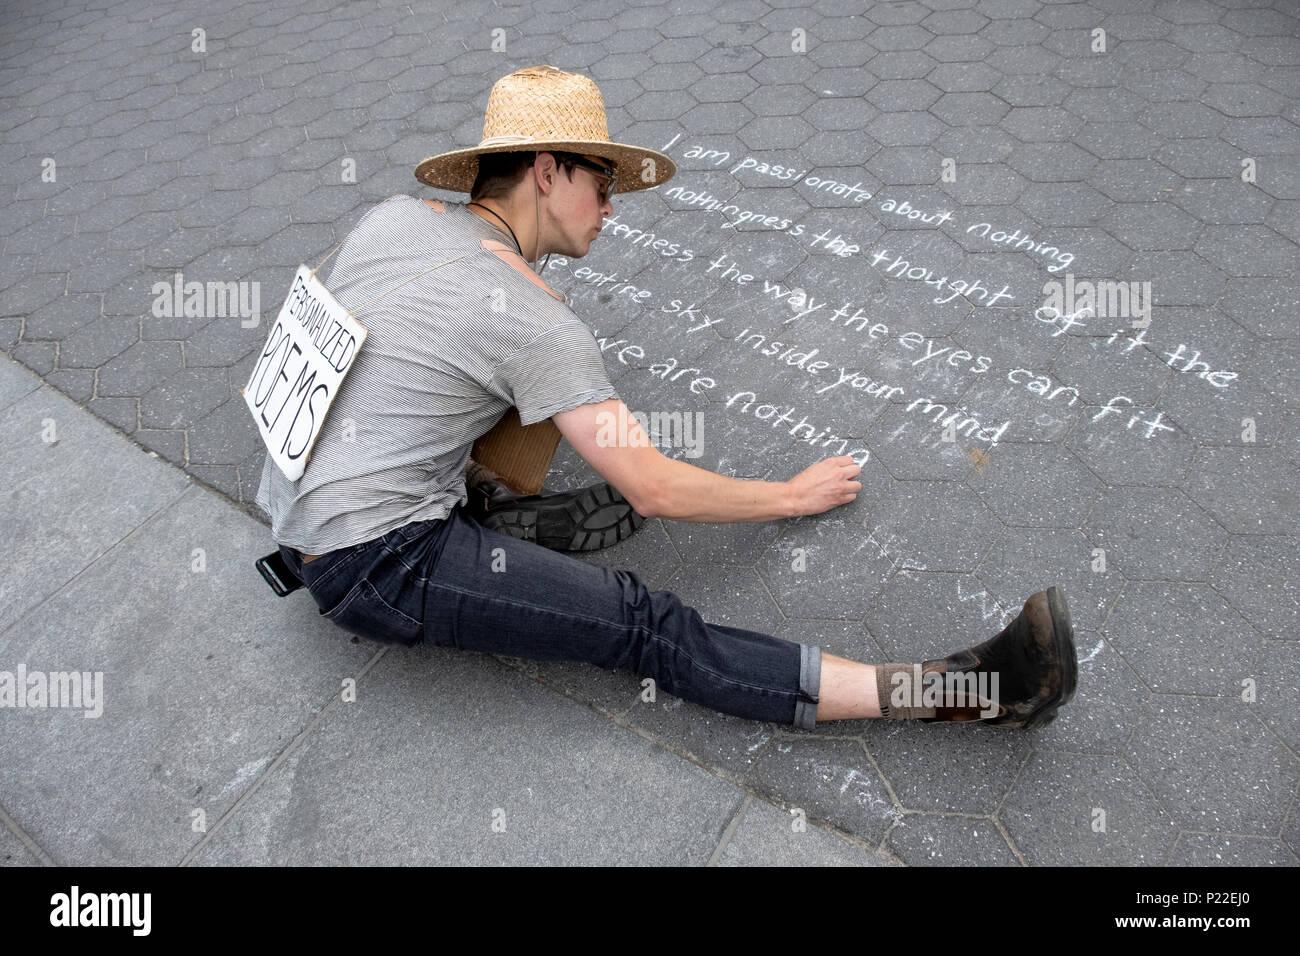 Un hombre que escribe un poema poemas personalizados con tiza en el suelo en Washington Square Park en Manhattan, Ciudad de Nueva York. Imagen De Stock